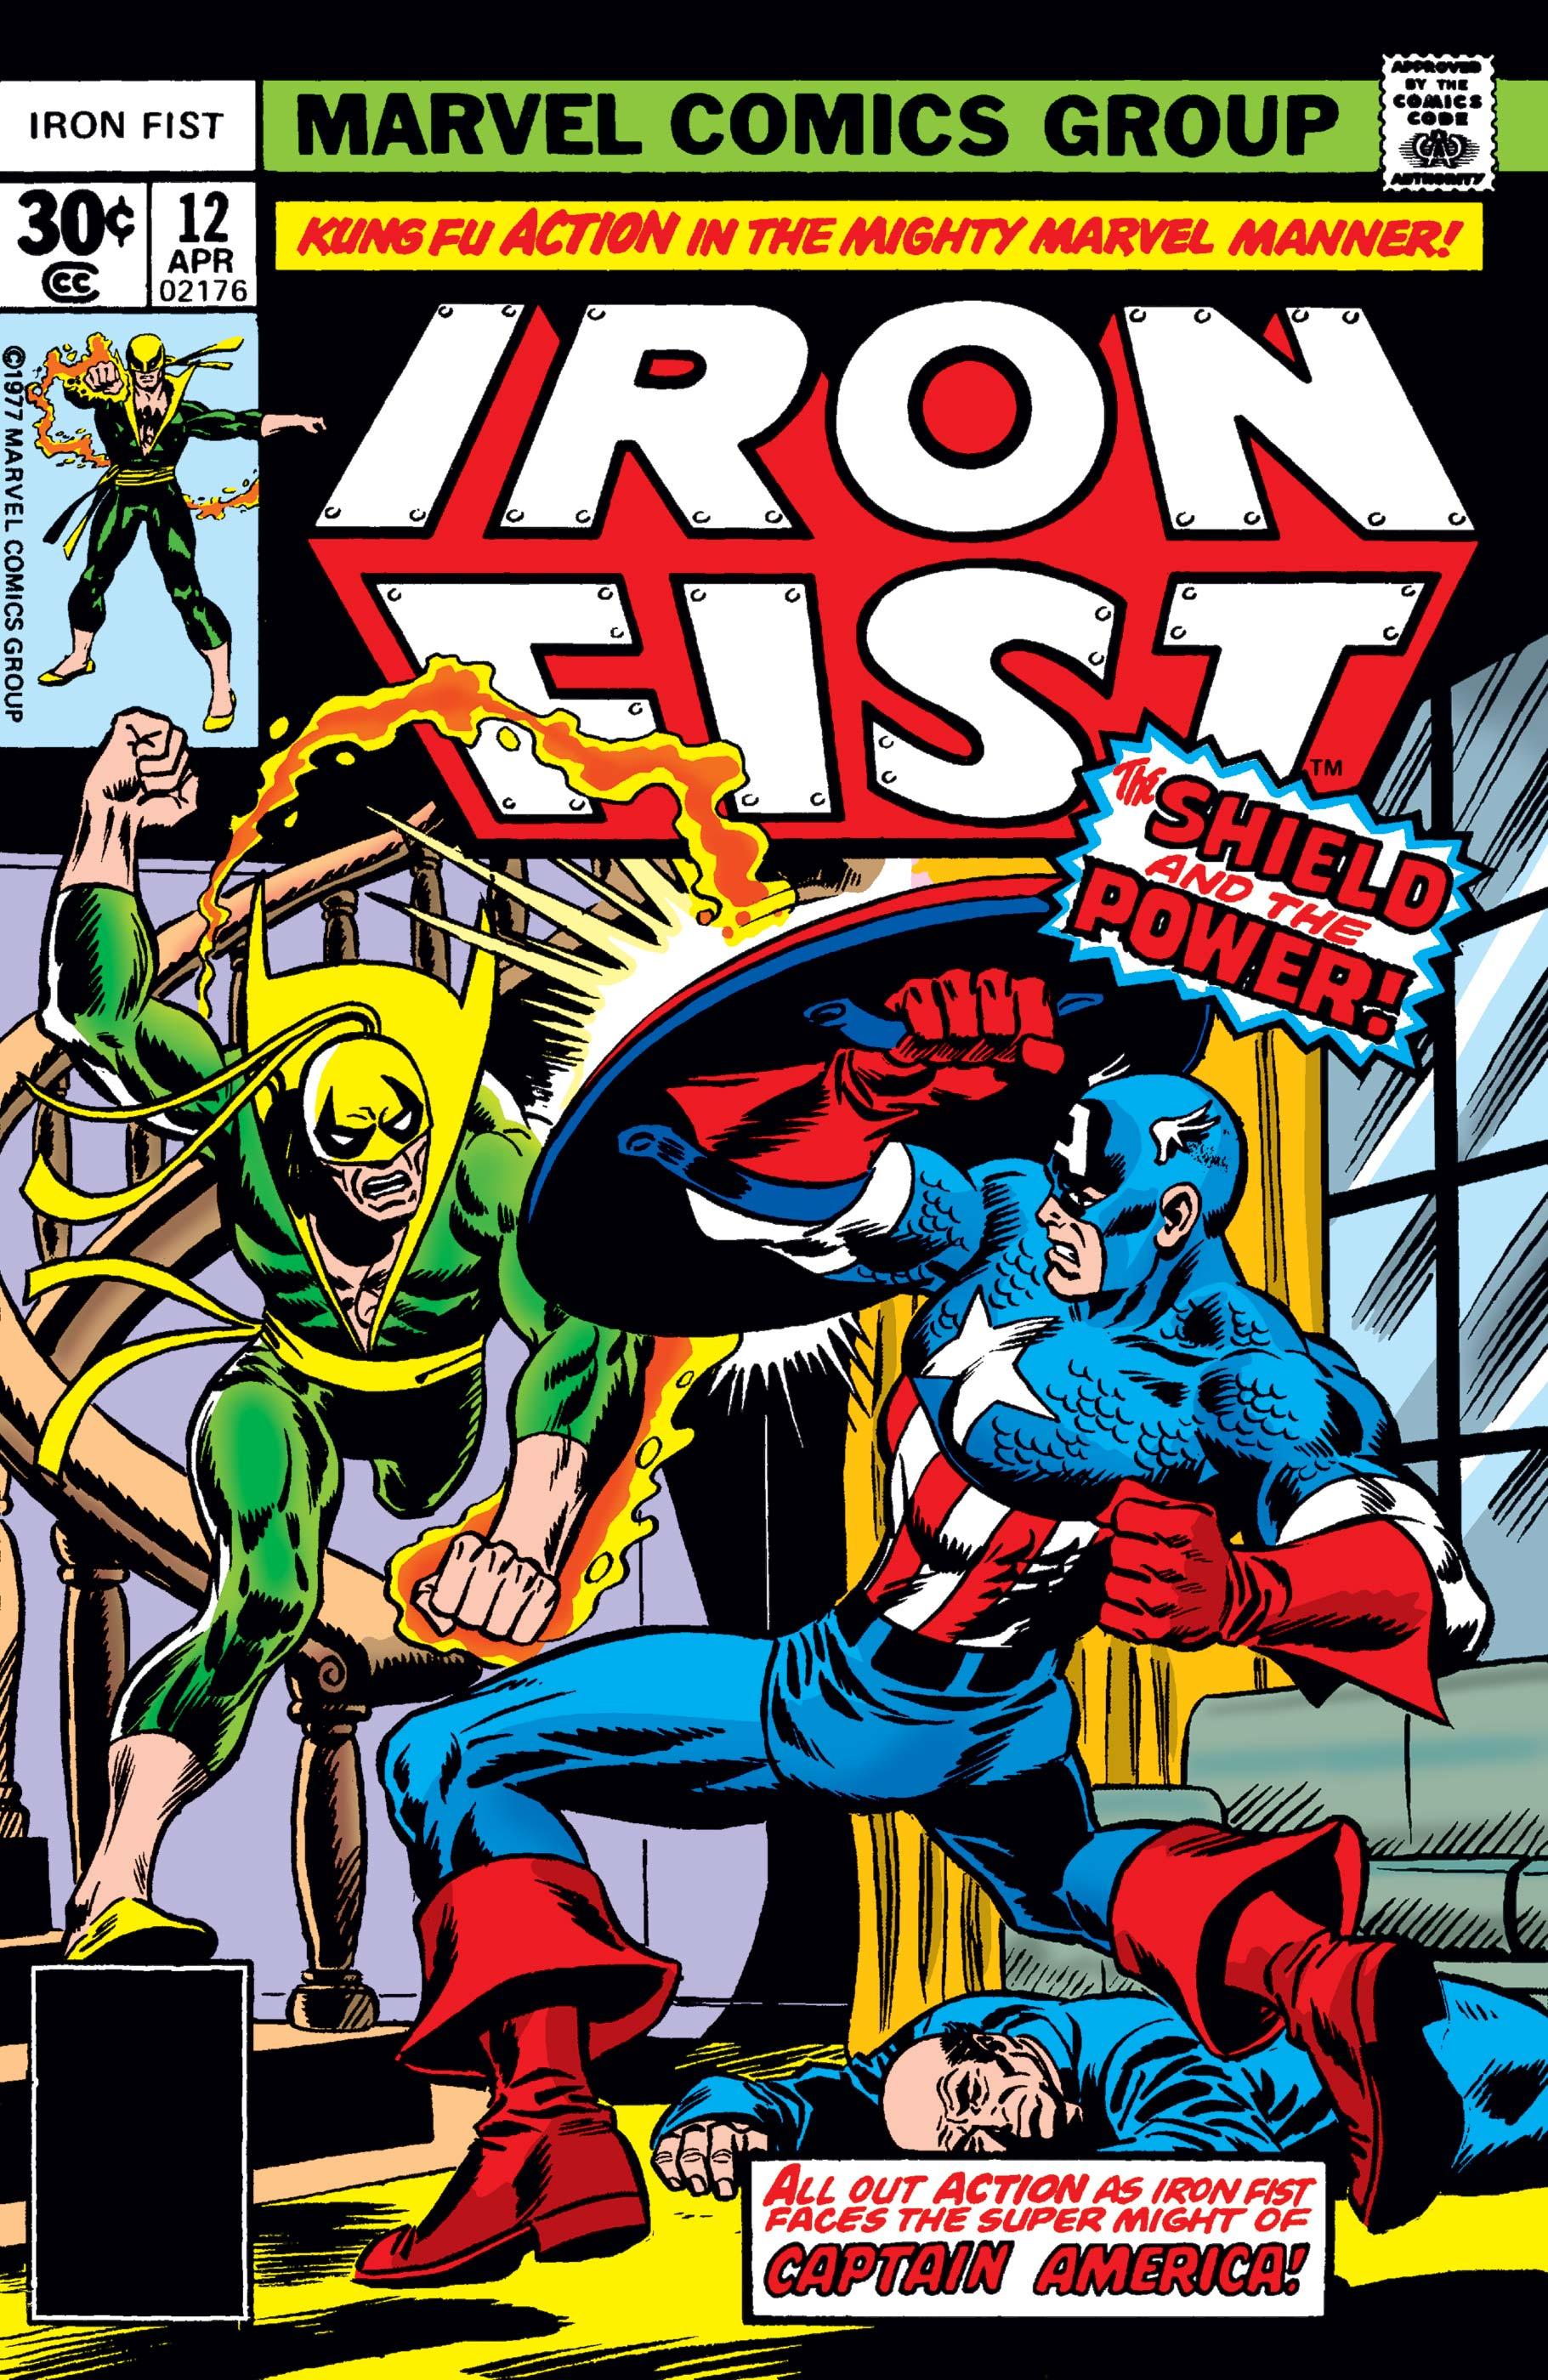 Iron Fist (1975) #12